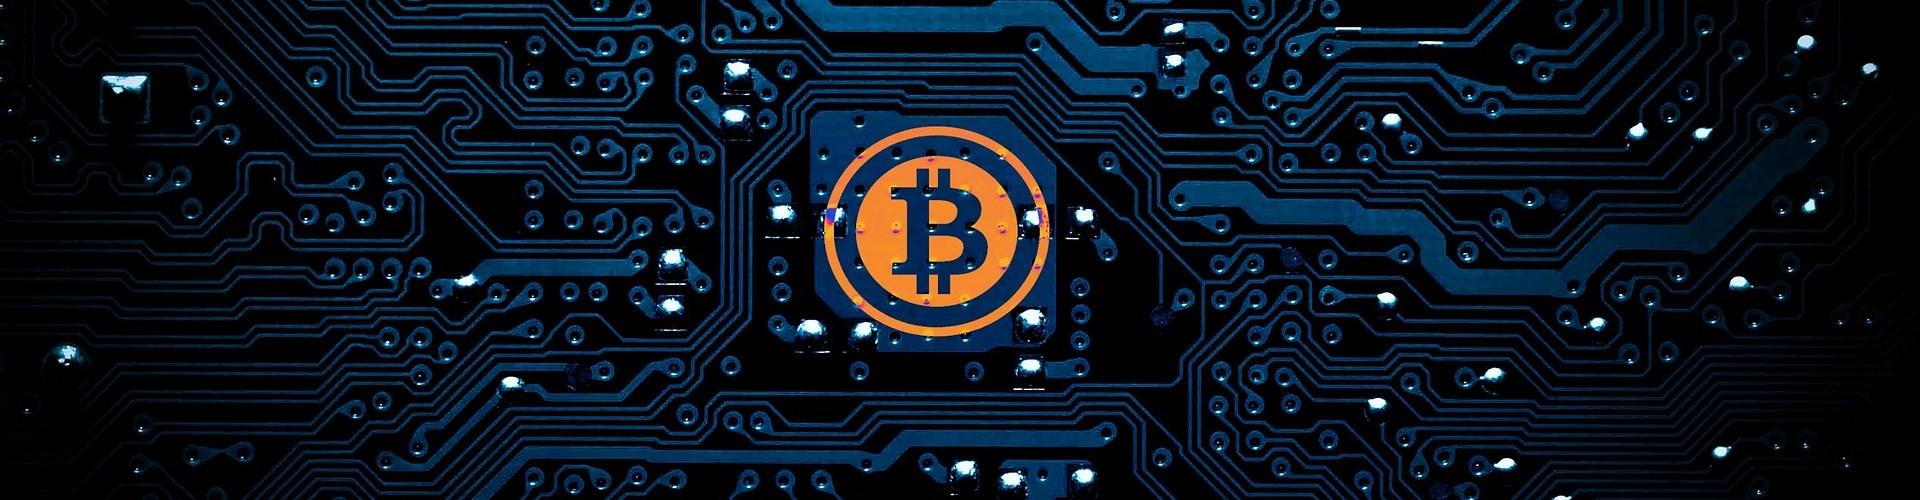 Bitcoin y otras criptomonedas.